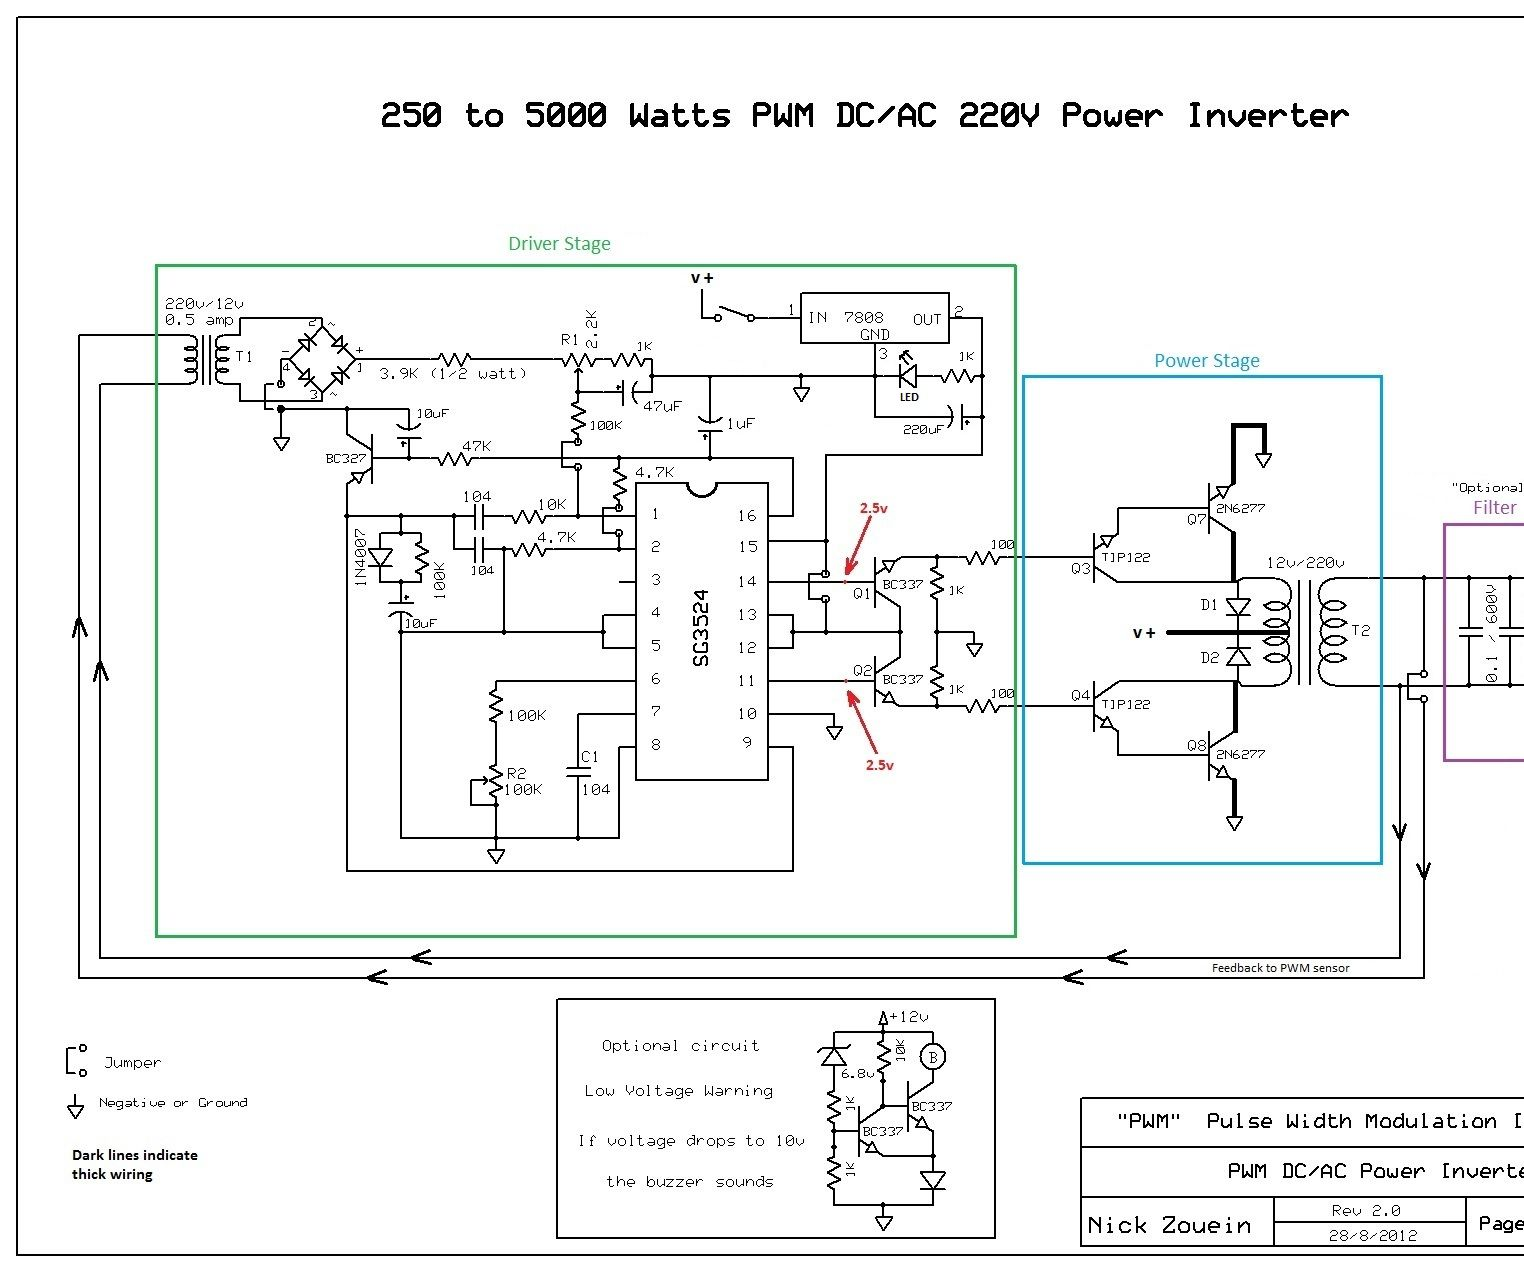 medium resolution of icom ic a200 wiring diagram wiring libraryicom ic a200 wiring diagram 14